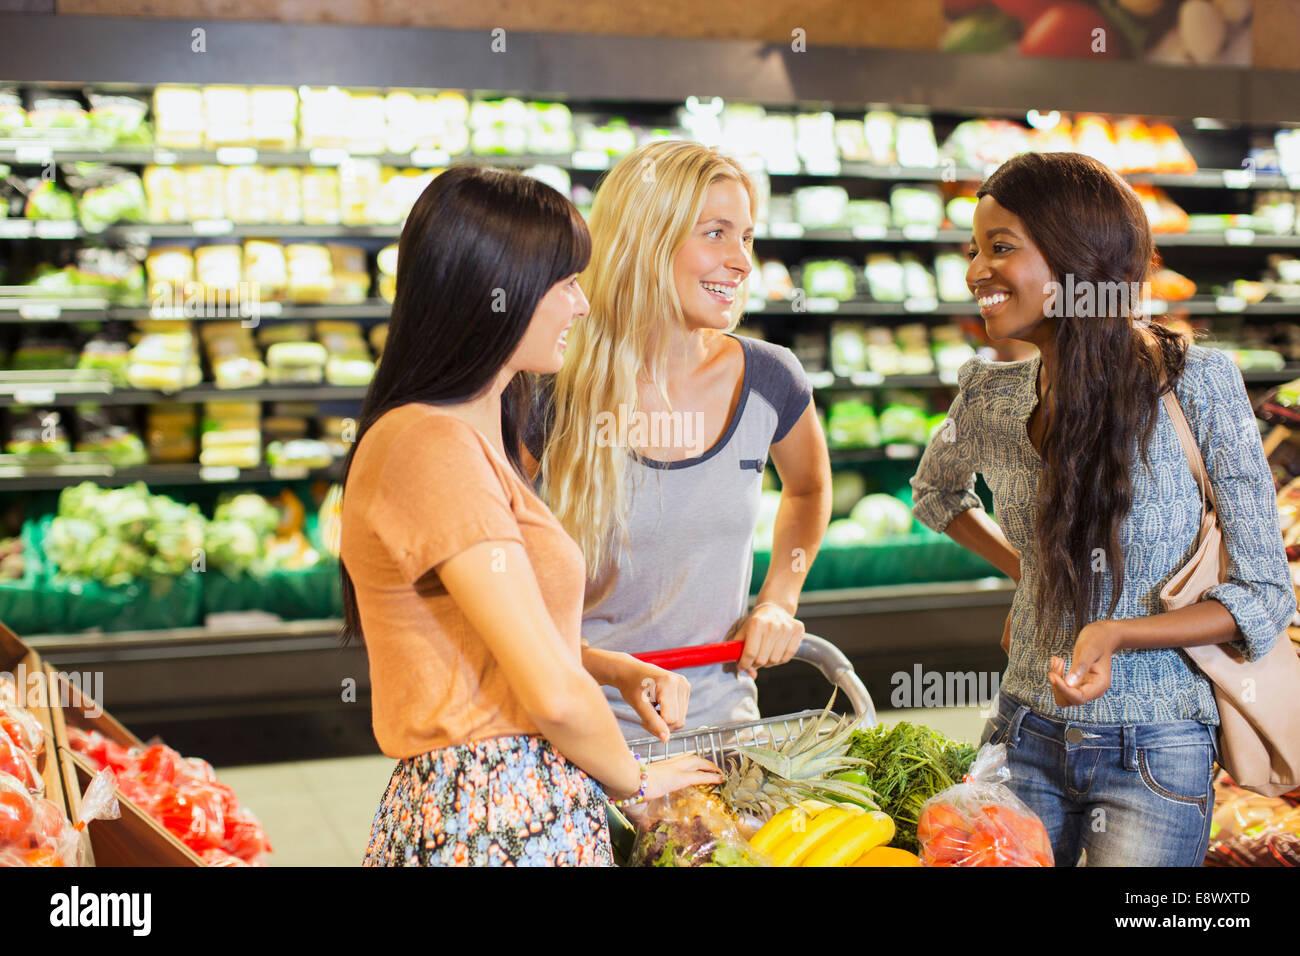 f1a05c55c0 Frauen zusammen im Supermarkt einkaufen Stockfoto, Bild: 74328589 ...